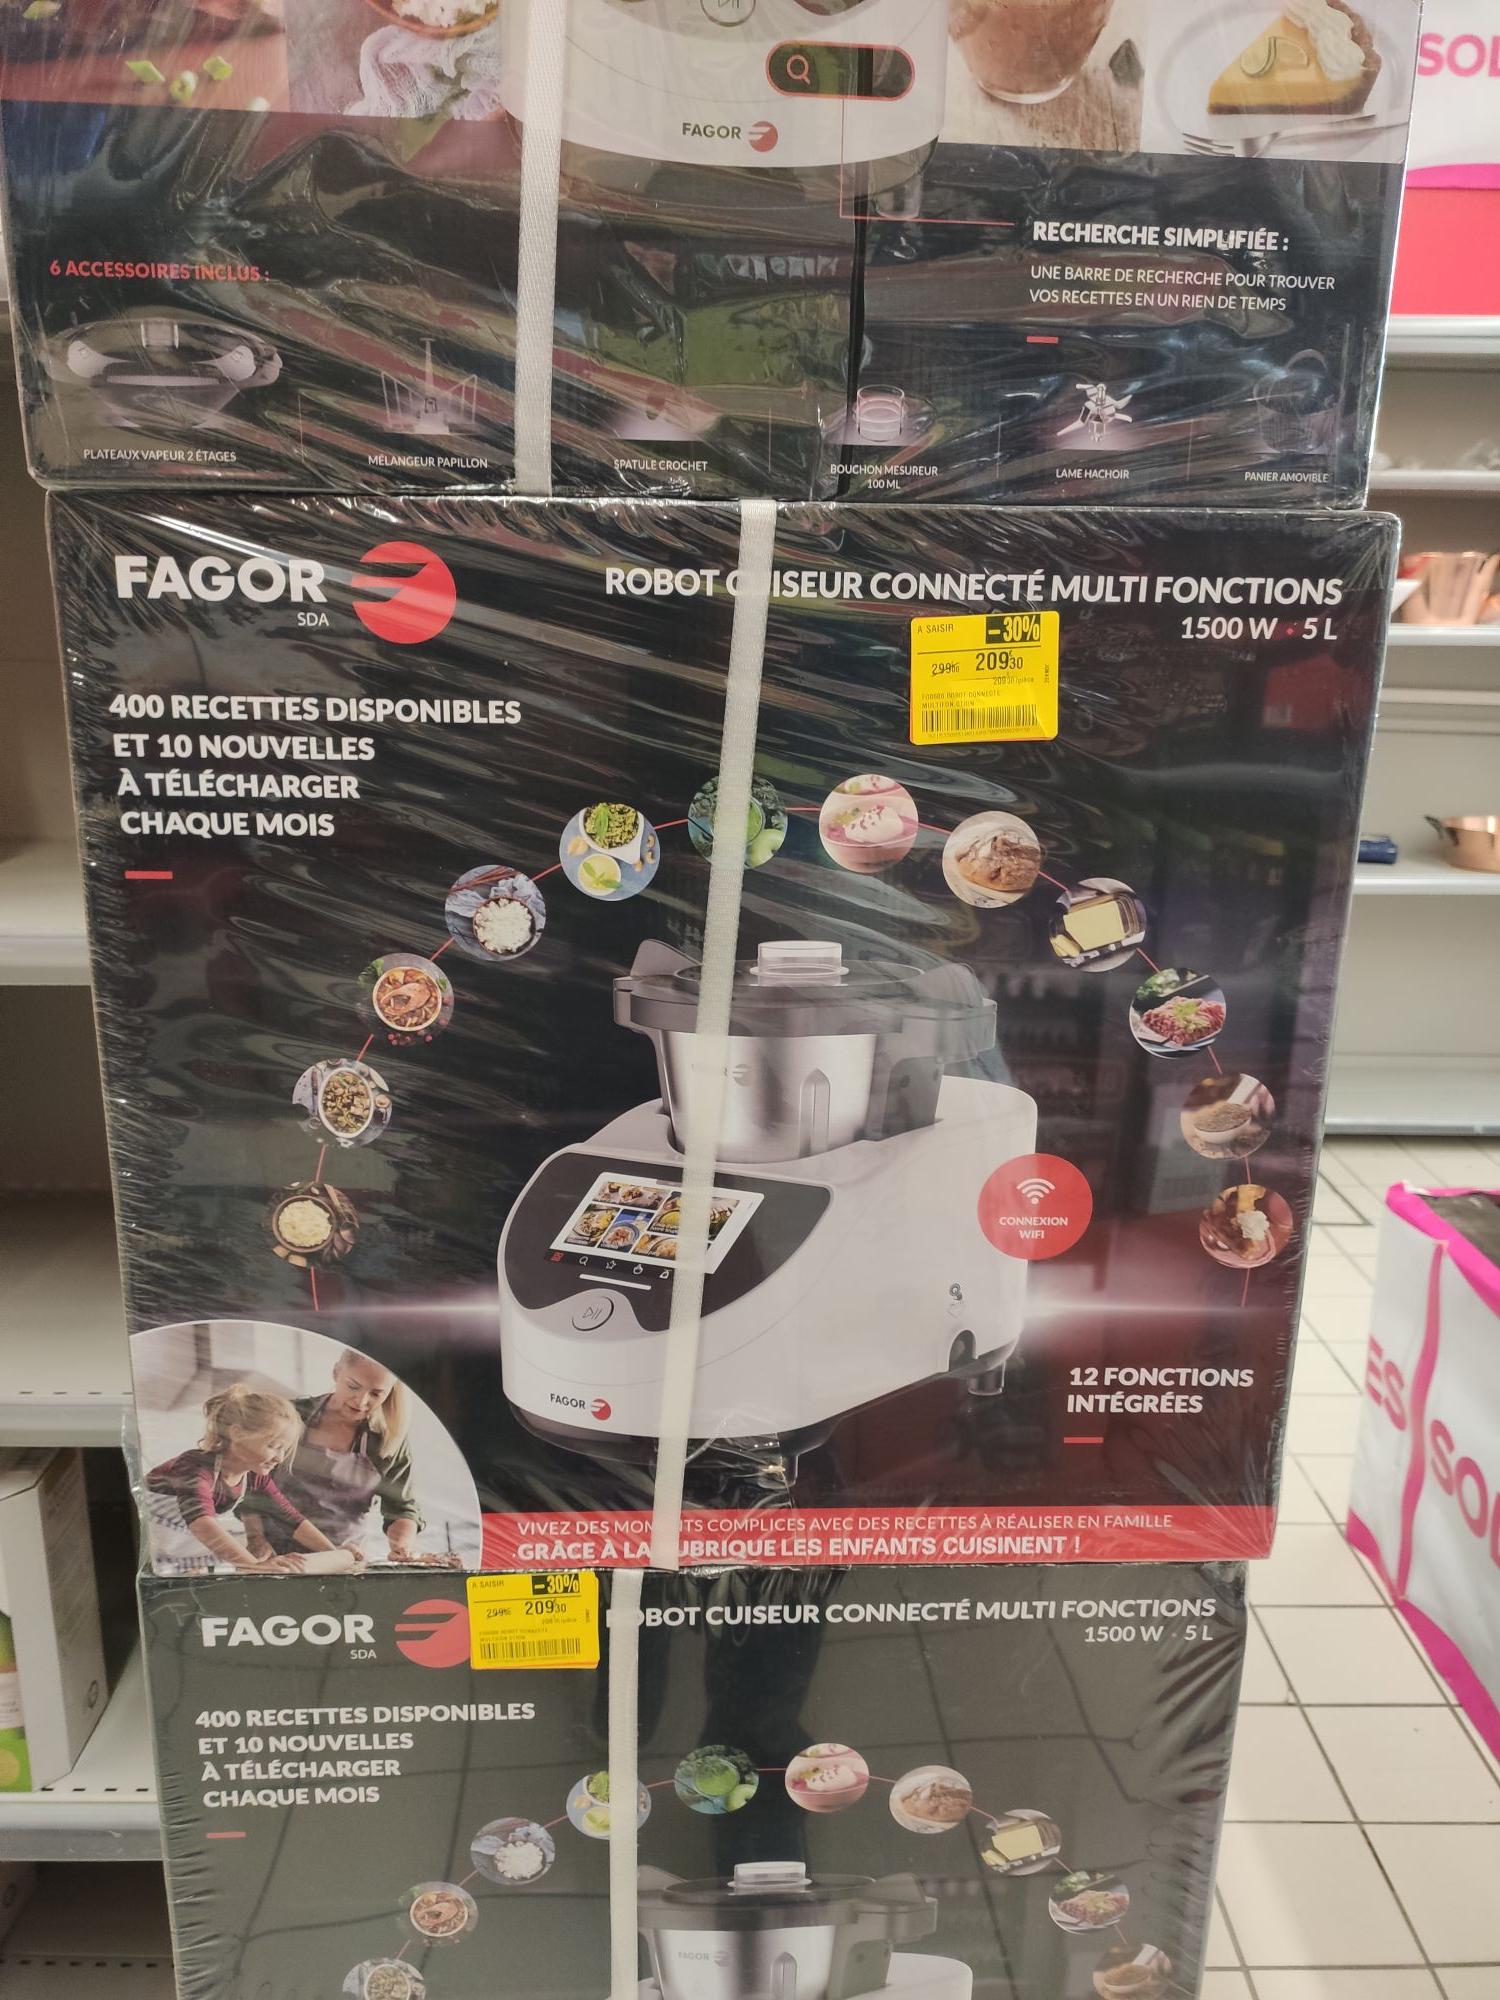 Robot cuiseur multifonction connecté Fagor FG0606 - Jonage (69)